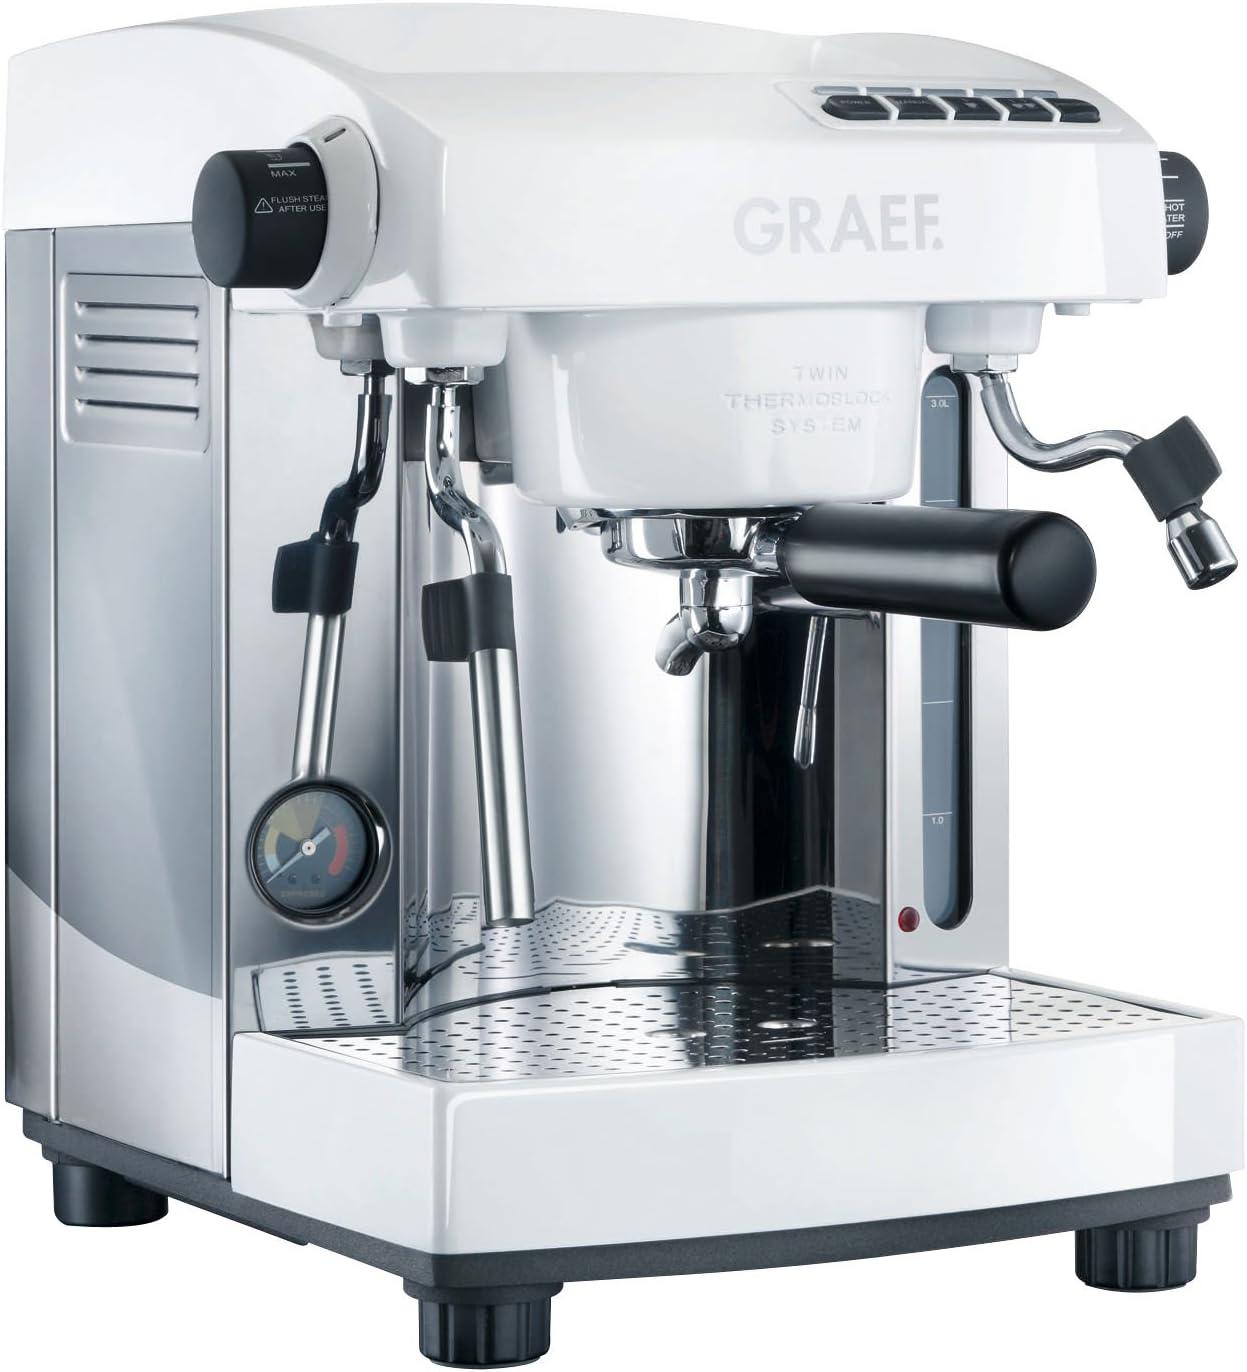 Graef ES91EU Cafetera Espresso, 220-240V, 2200-2400W, 50Hz, blanca: Amazon.es: Hogar